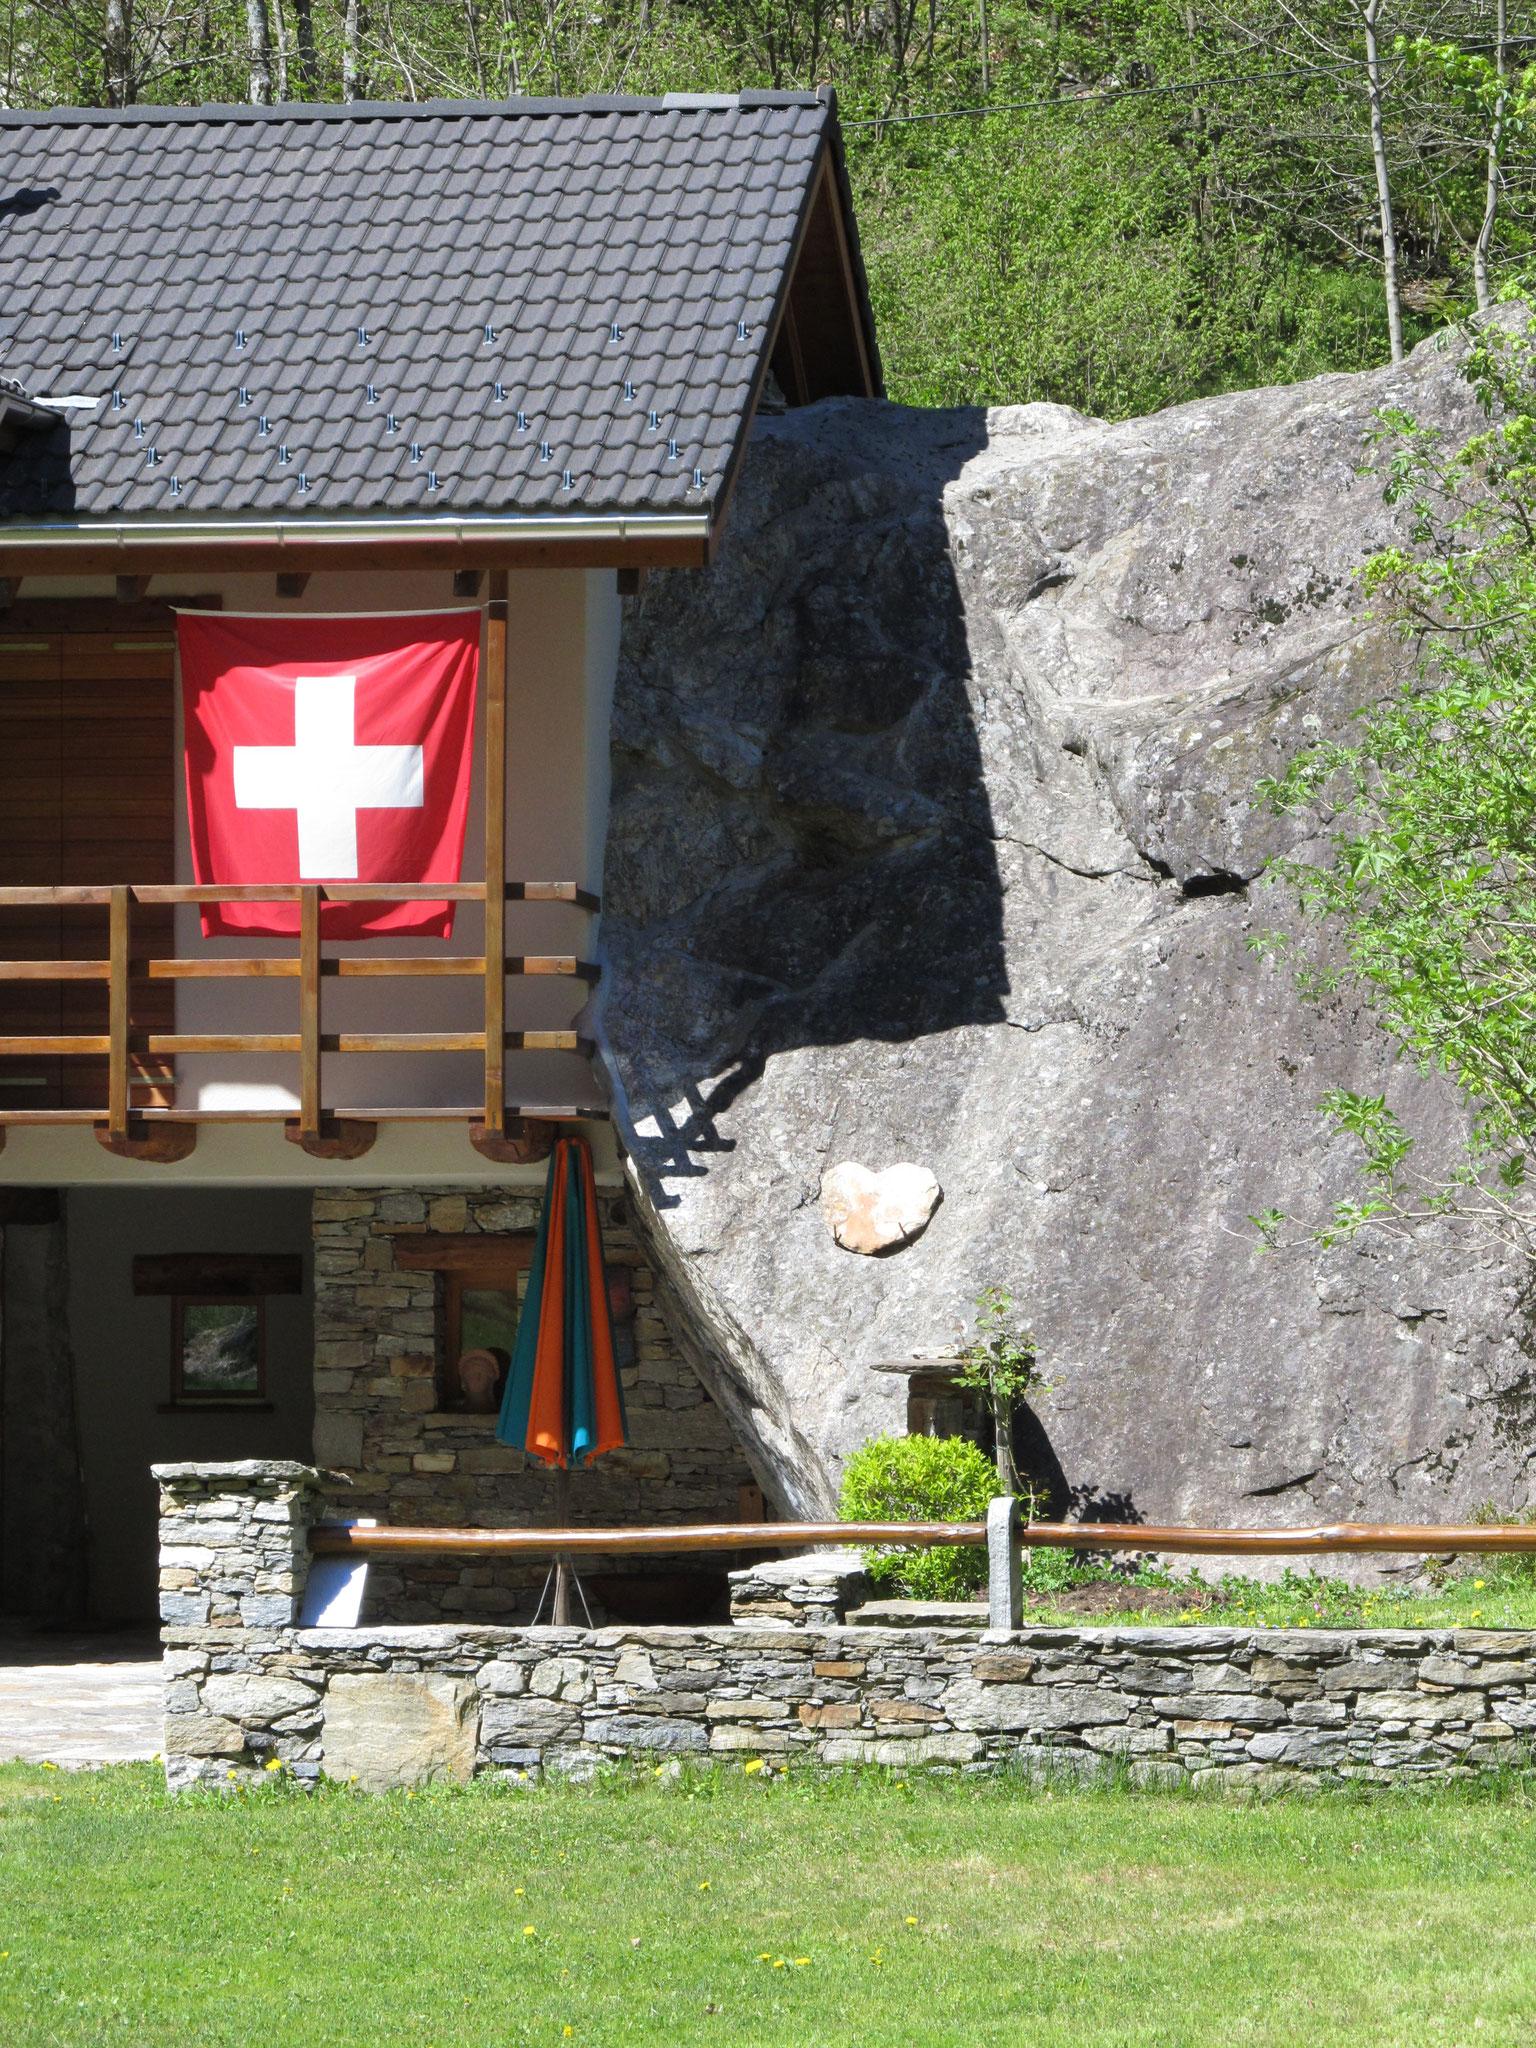 und überall zu finden: die Schweizer Flagge